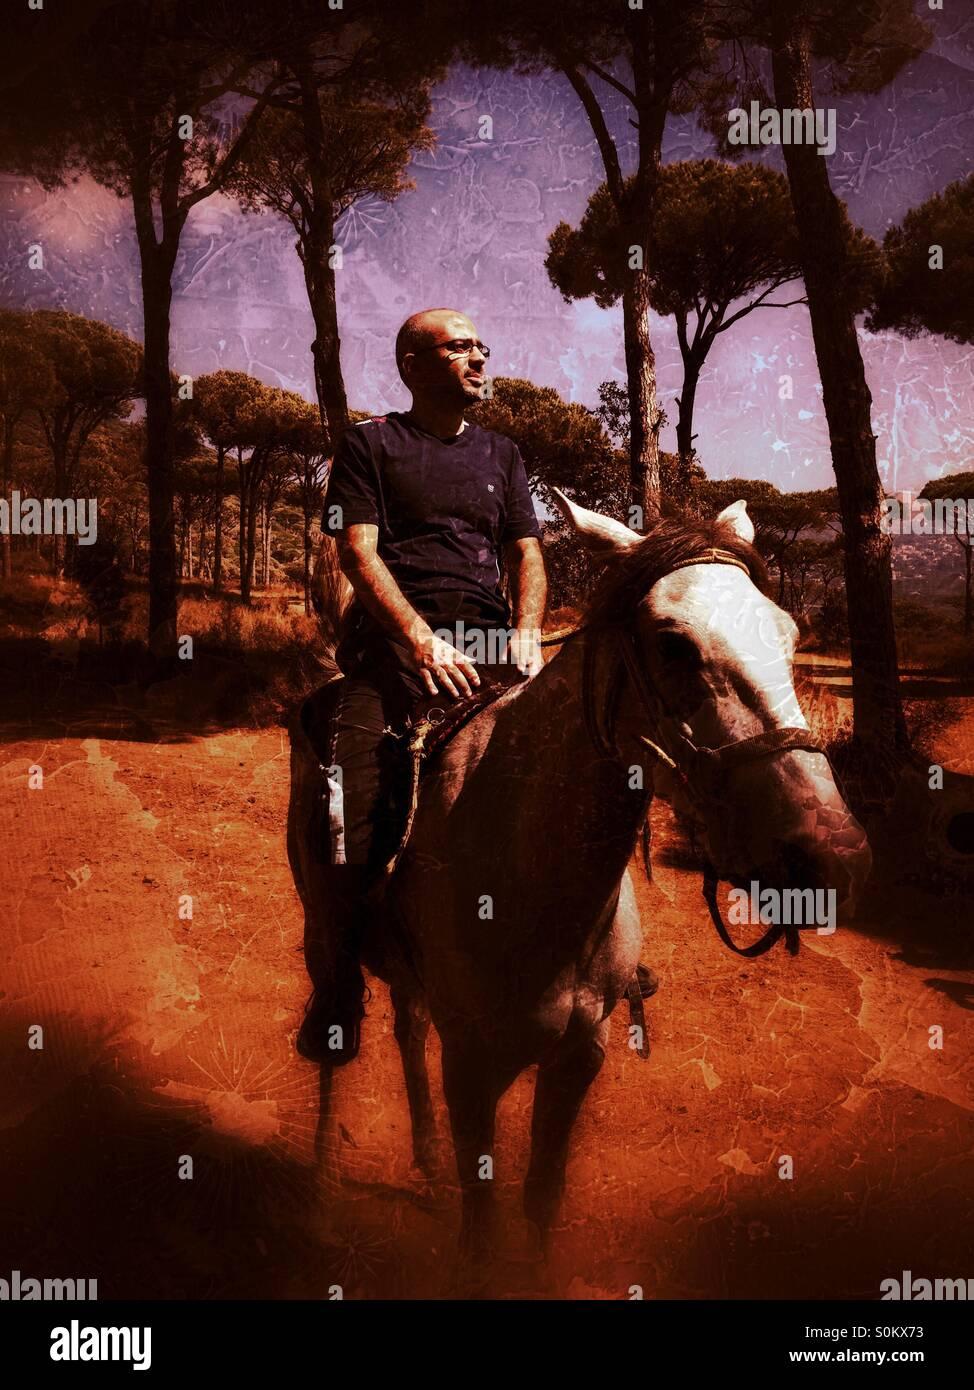 Uomo di mezza età in sella ad un cavallo con orgoglio nella foresta Immagini Stock